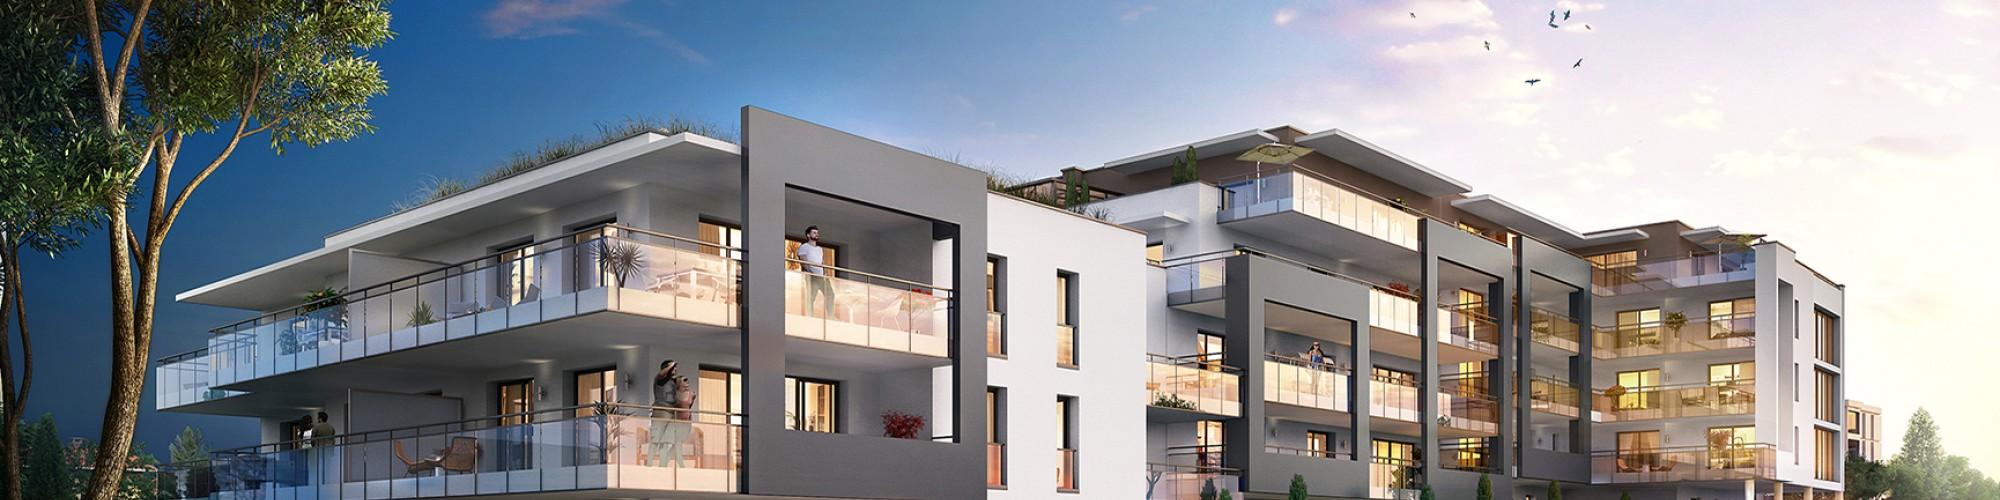 Projet immobilier promoteur